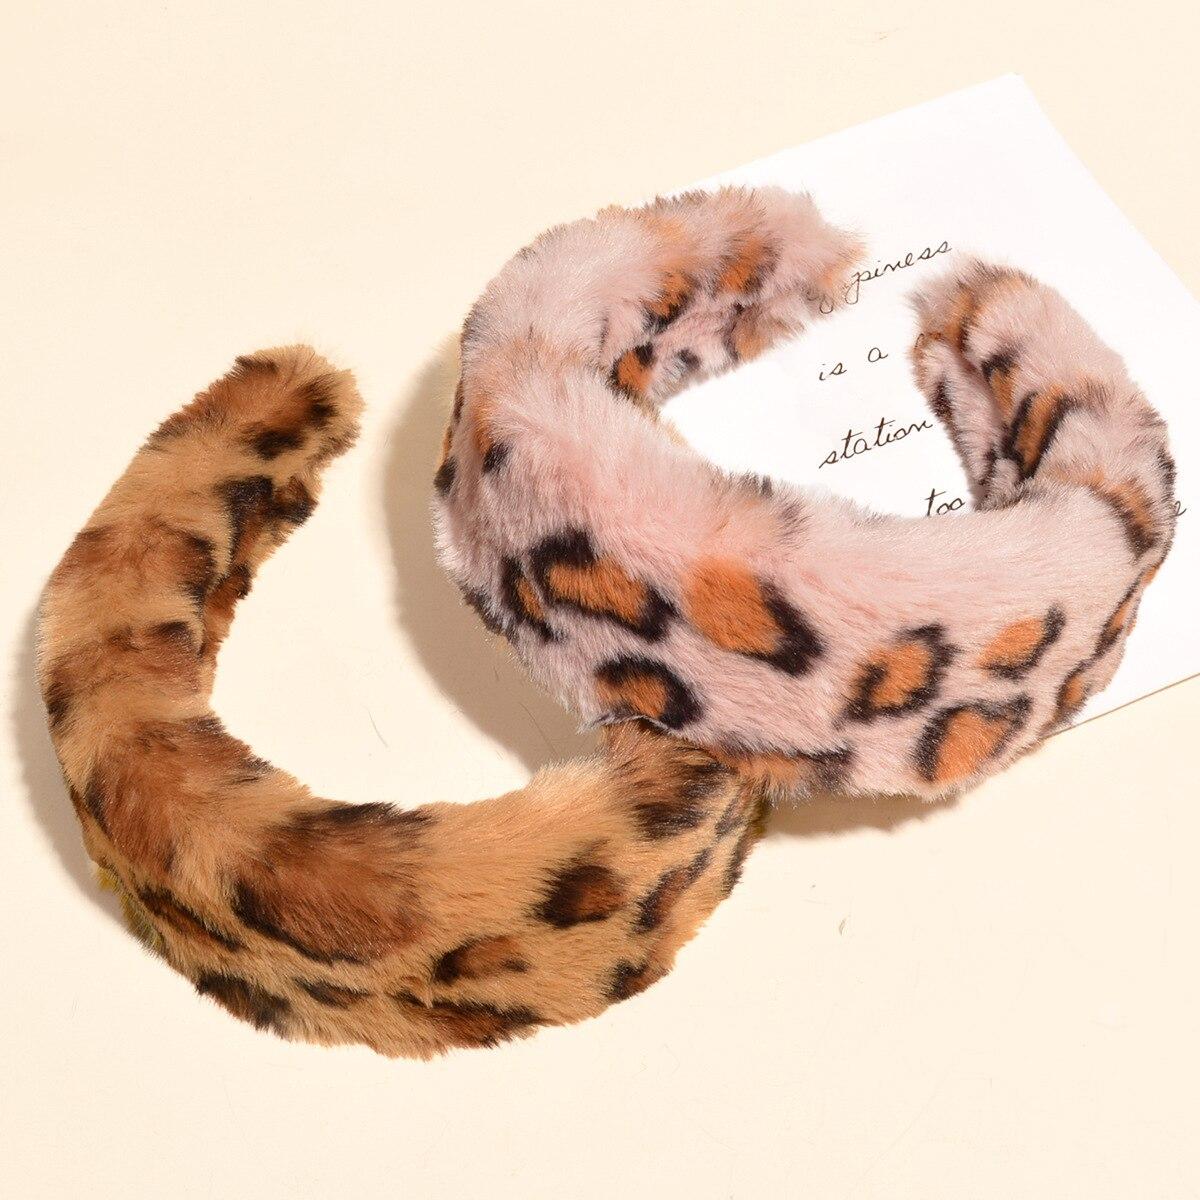 Зимняя плюшевая повязка на голову, женская теплая повязка для волос ручной работы, модная леопардовая повязка на голову для девочек, повсед...